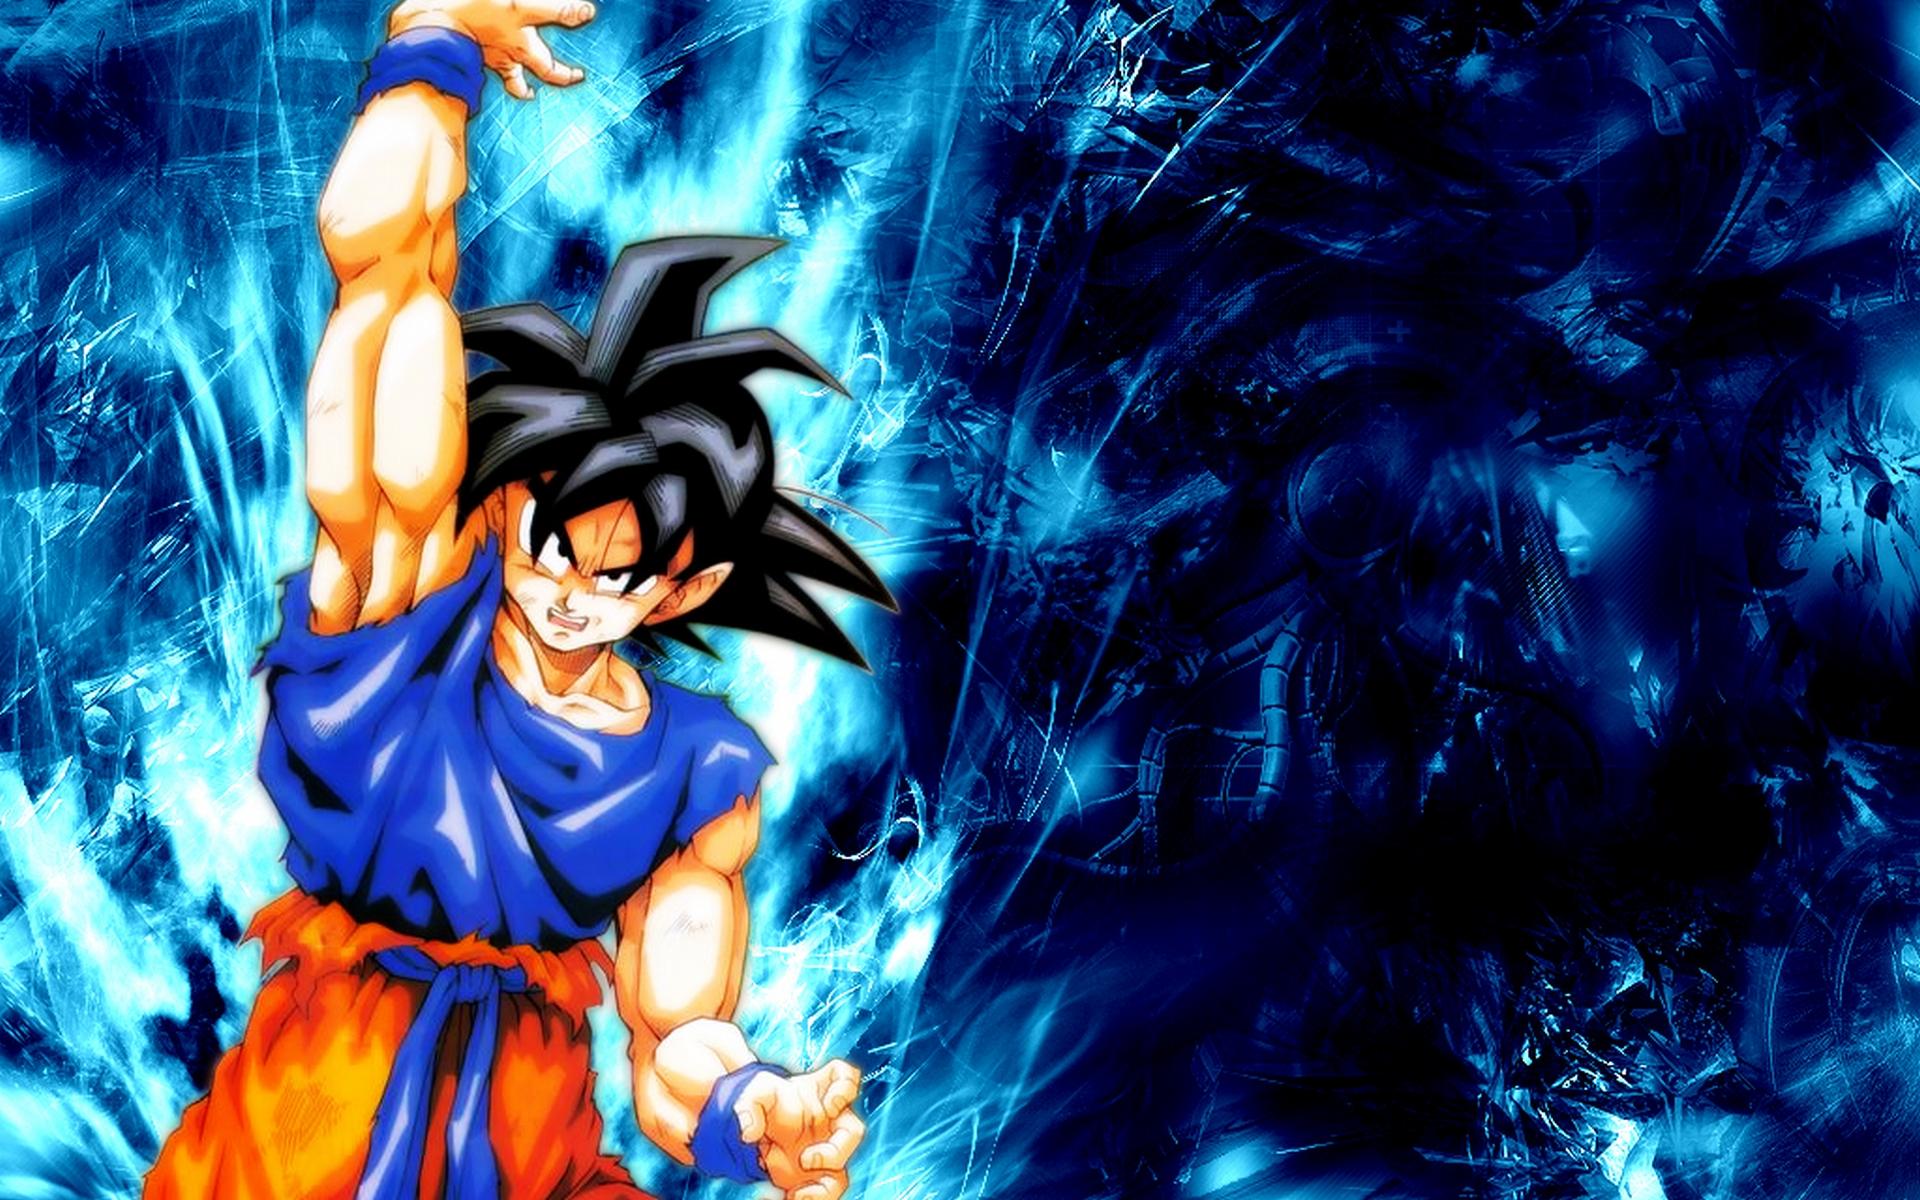 Free Download Goku Super Saiyan 4 Wallpaper Iphone 5 Wallpaper